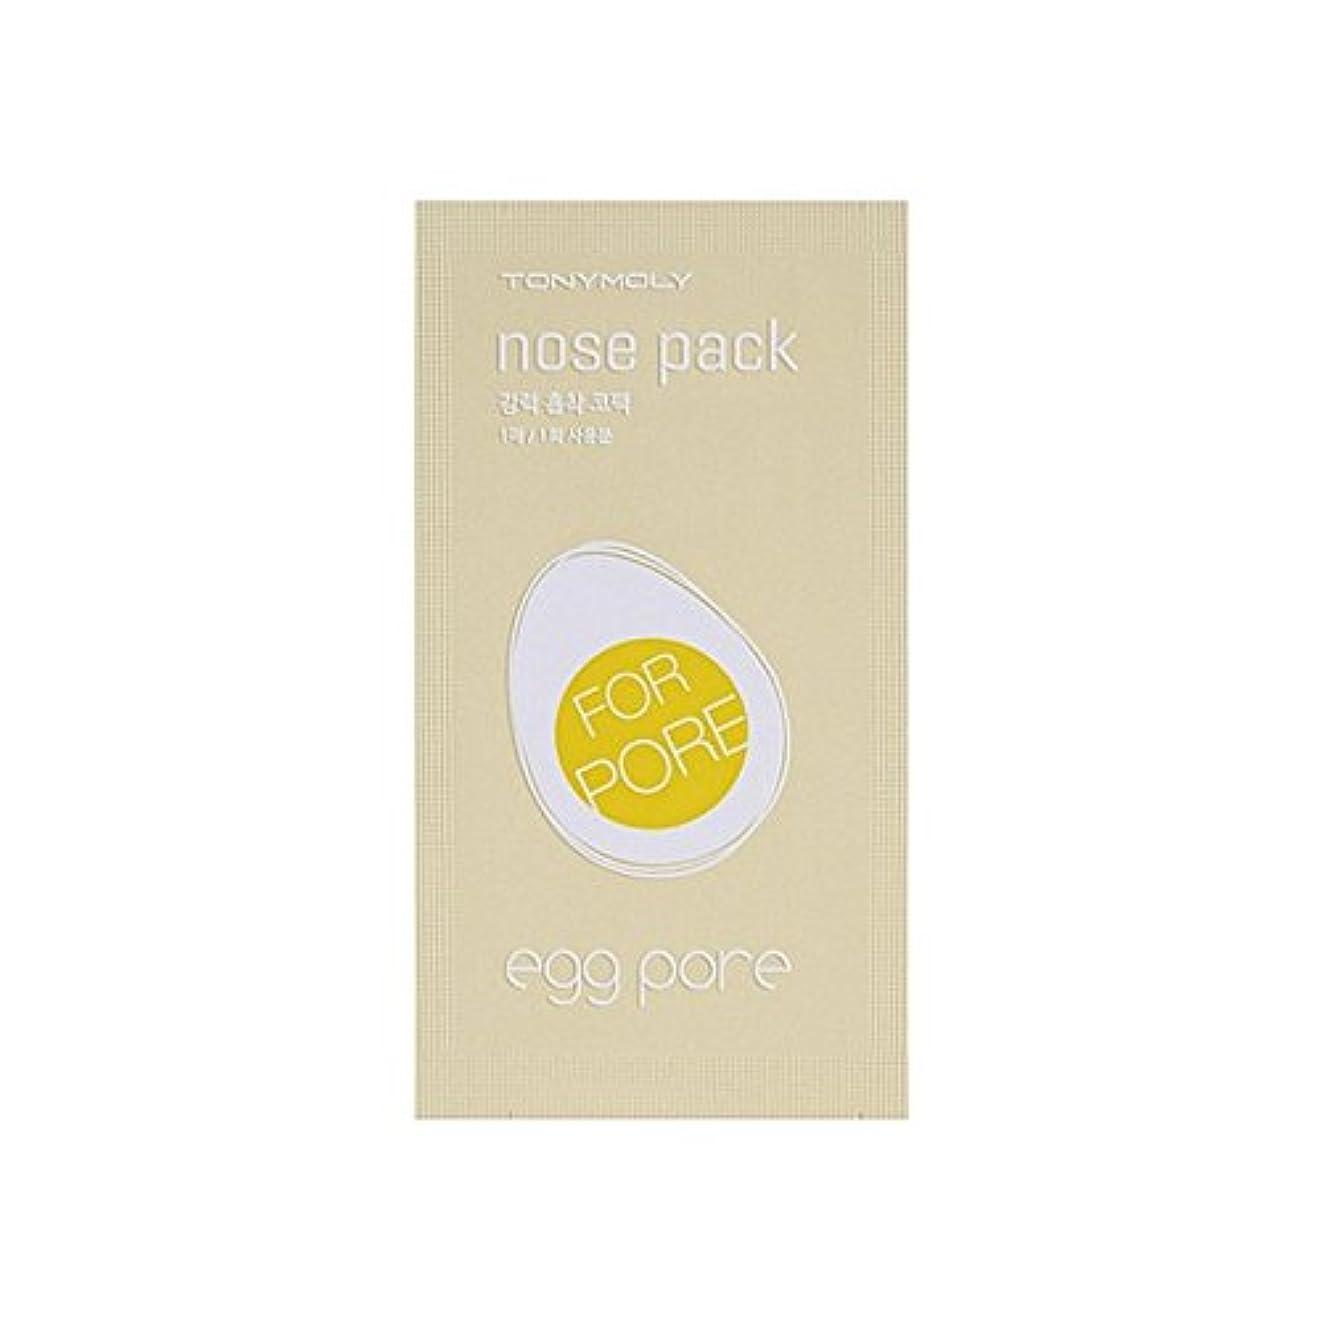 麻痺させる腹効果的トニーモリーエッグポア鼻パック毛穴の黒ずみのストリップ x2 - Tony Moly Egg Pore Nose Pack Blackhead Strips (Pack of 2) [並行輸入品]